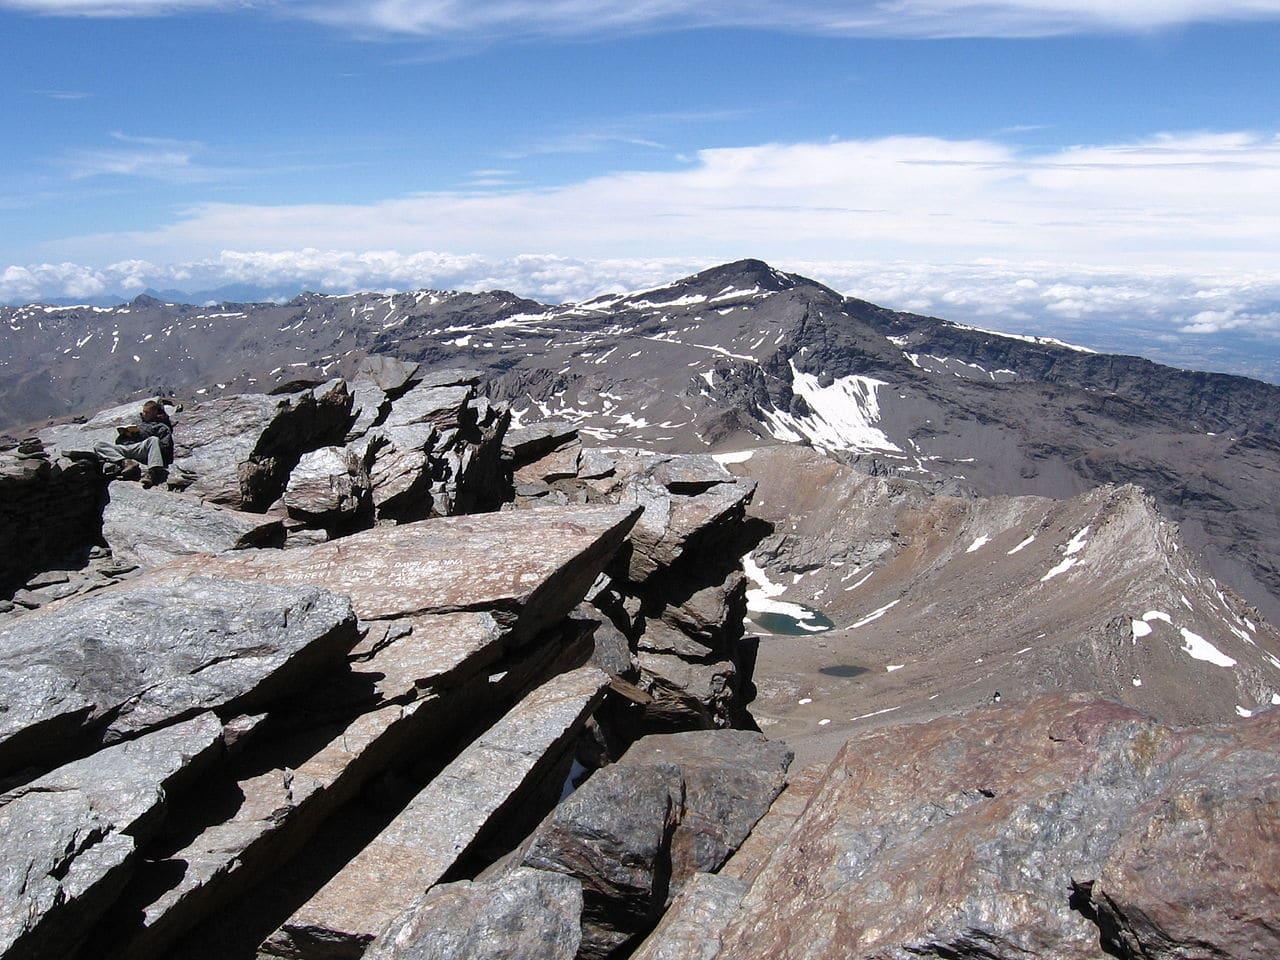 Vista del pico Veleta